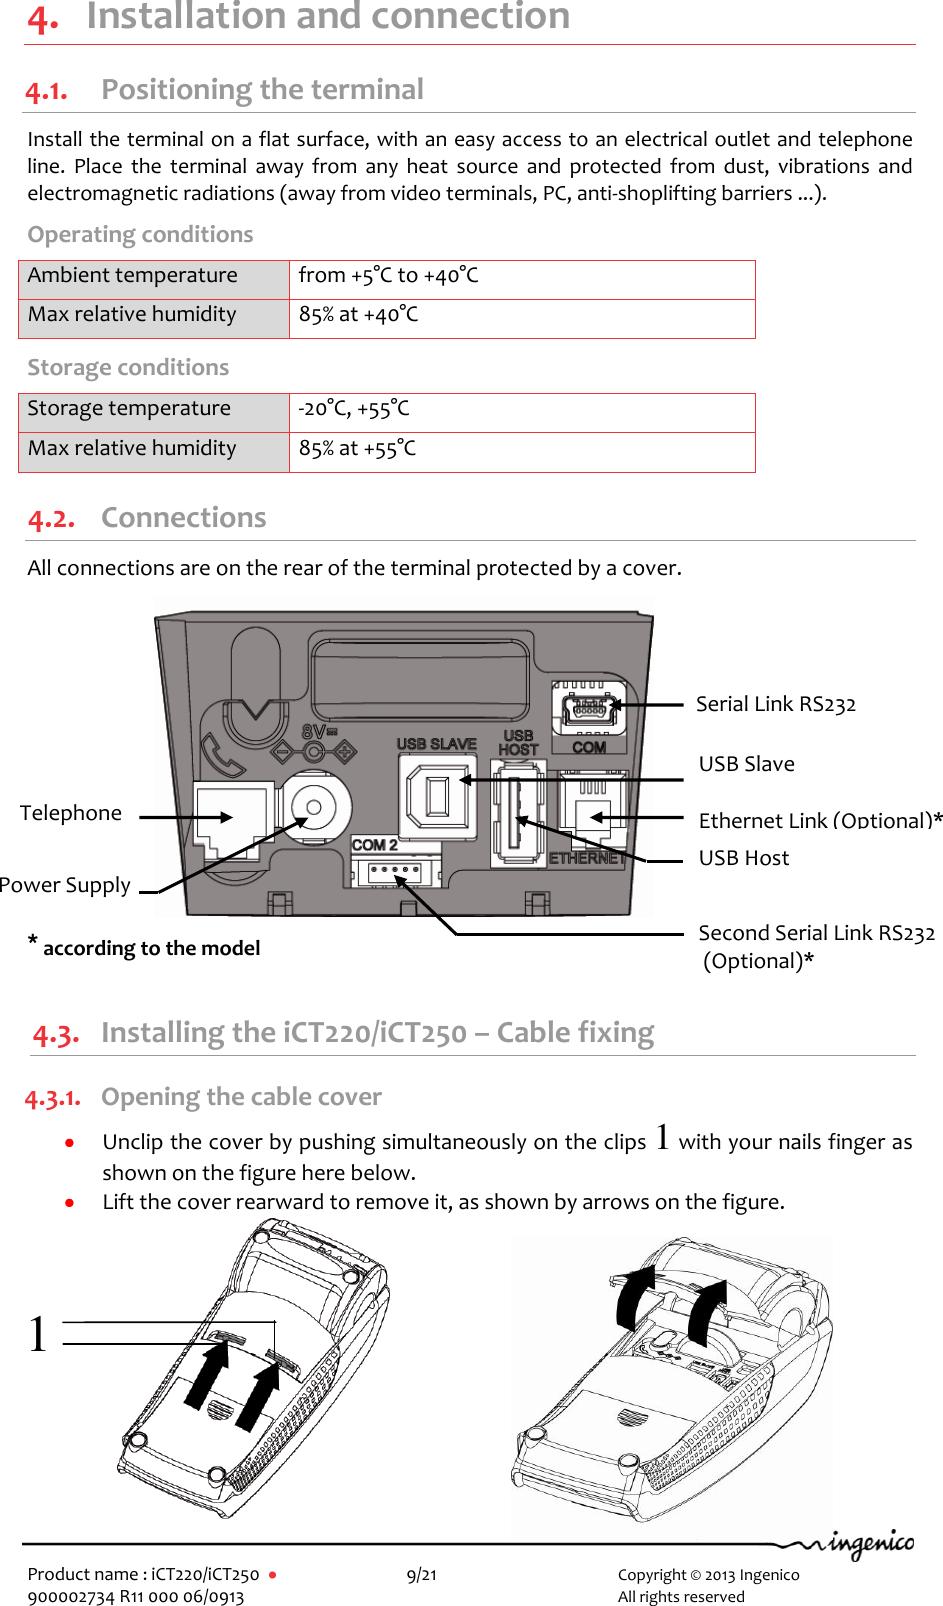 pci dss 3.1 pdf